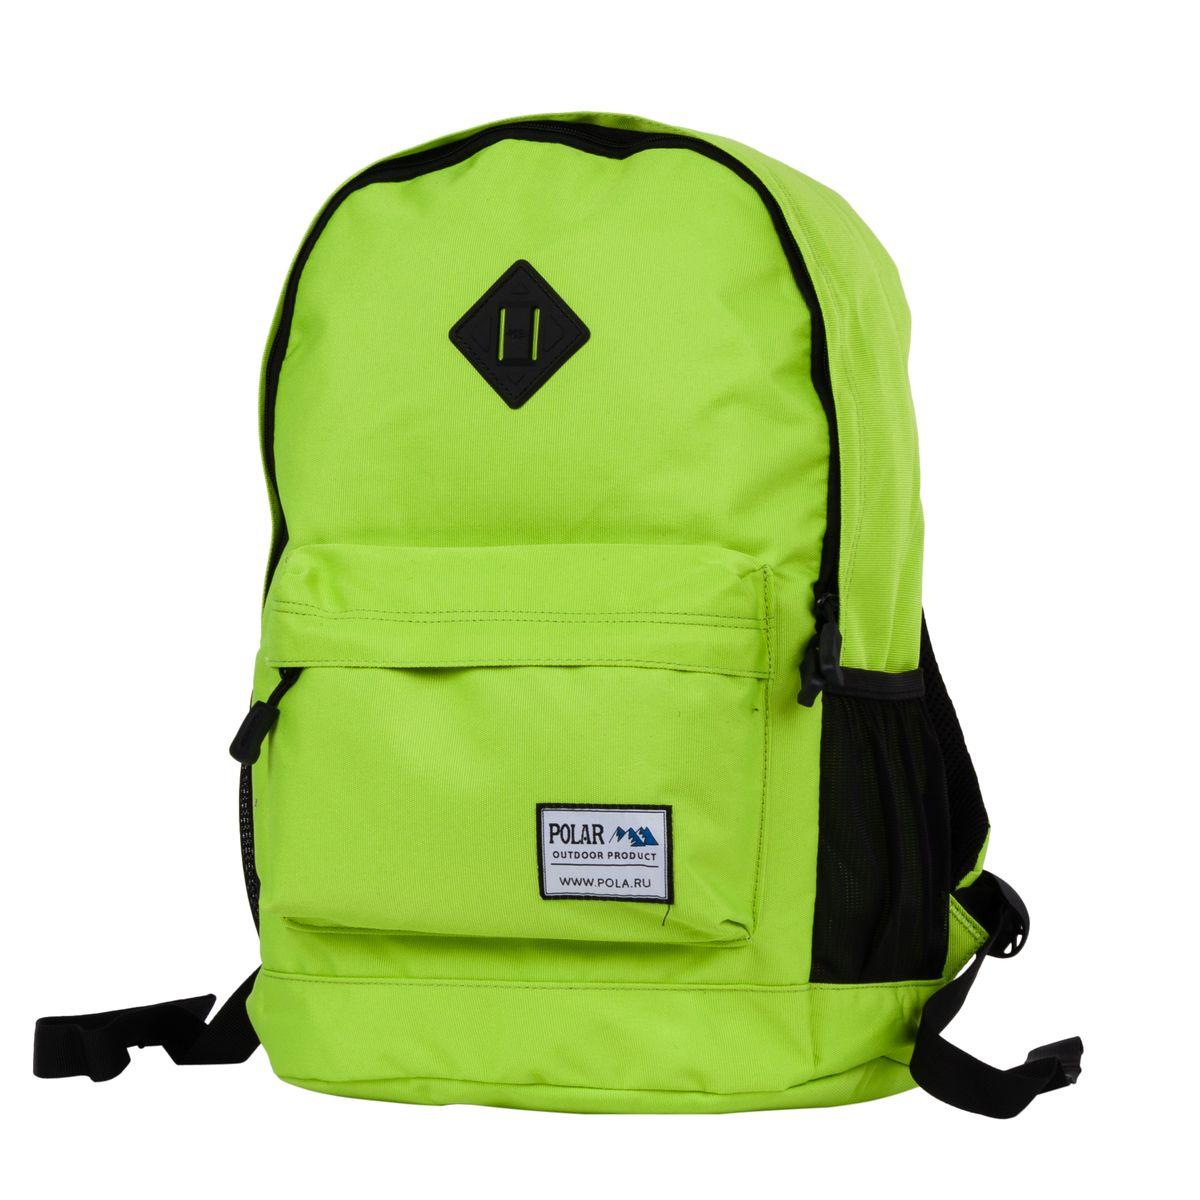 цены на Рюкзак городской Polar, цвет: светло-зеленый, 22,5 л. 15008  в интернет-магазинах